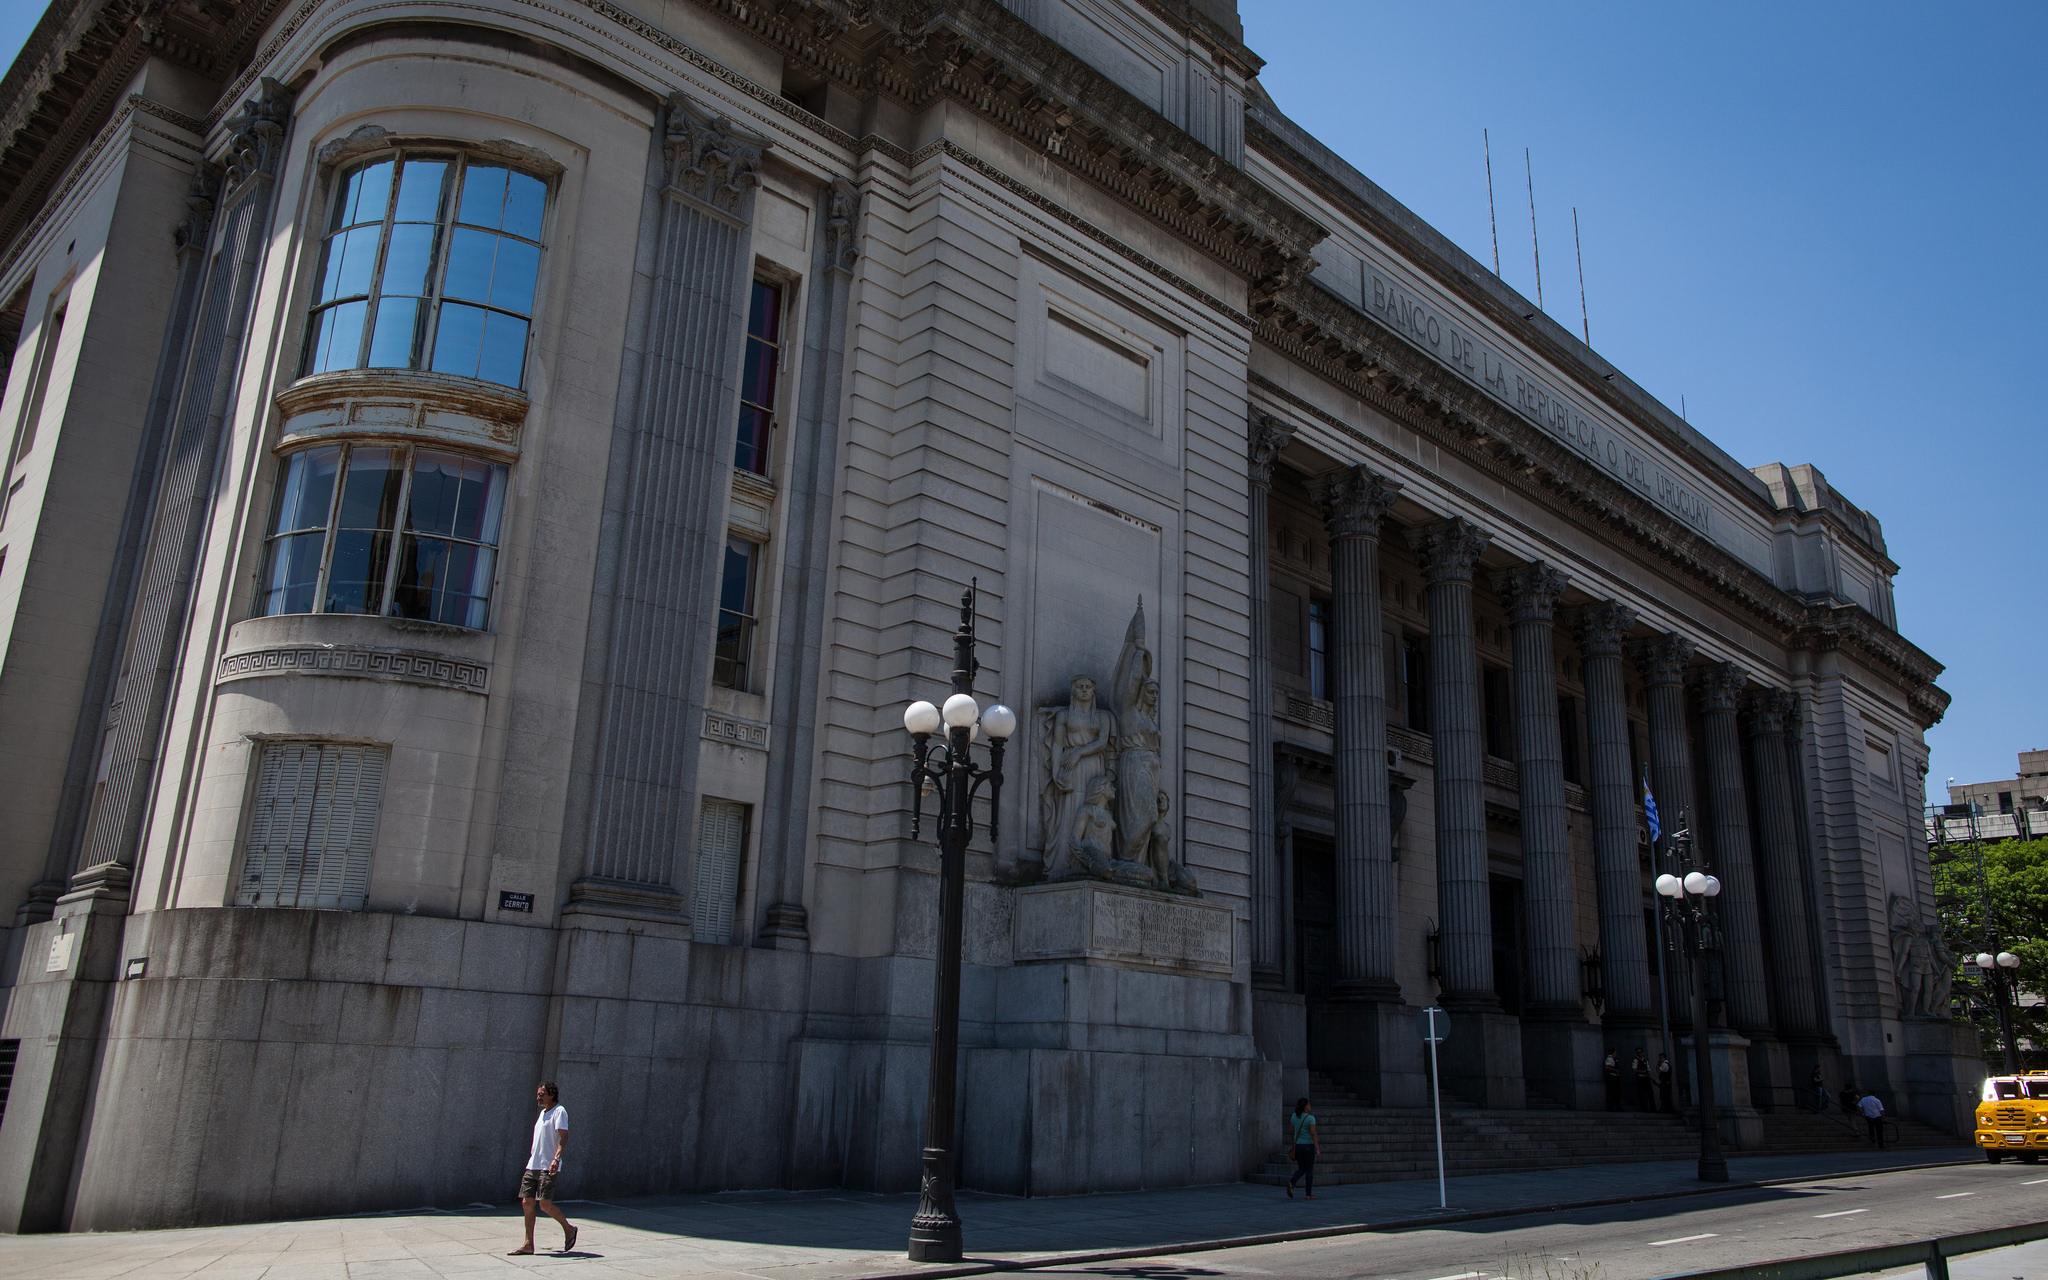 Sede central del Banco República, en Ciudad Vieja. Foto: Wolfgang Krausse / Flickr